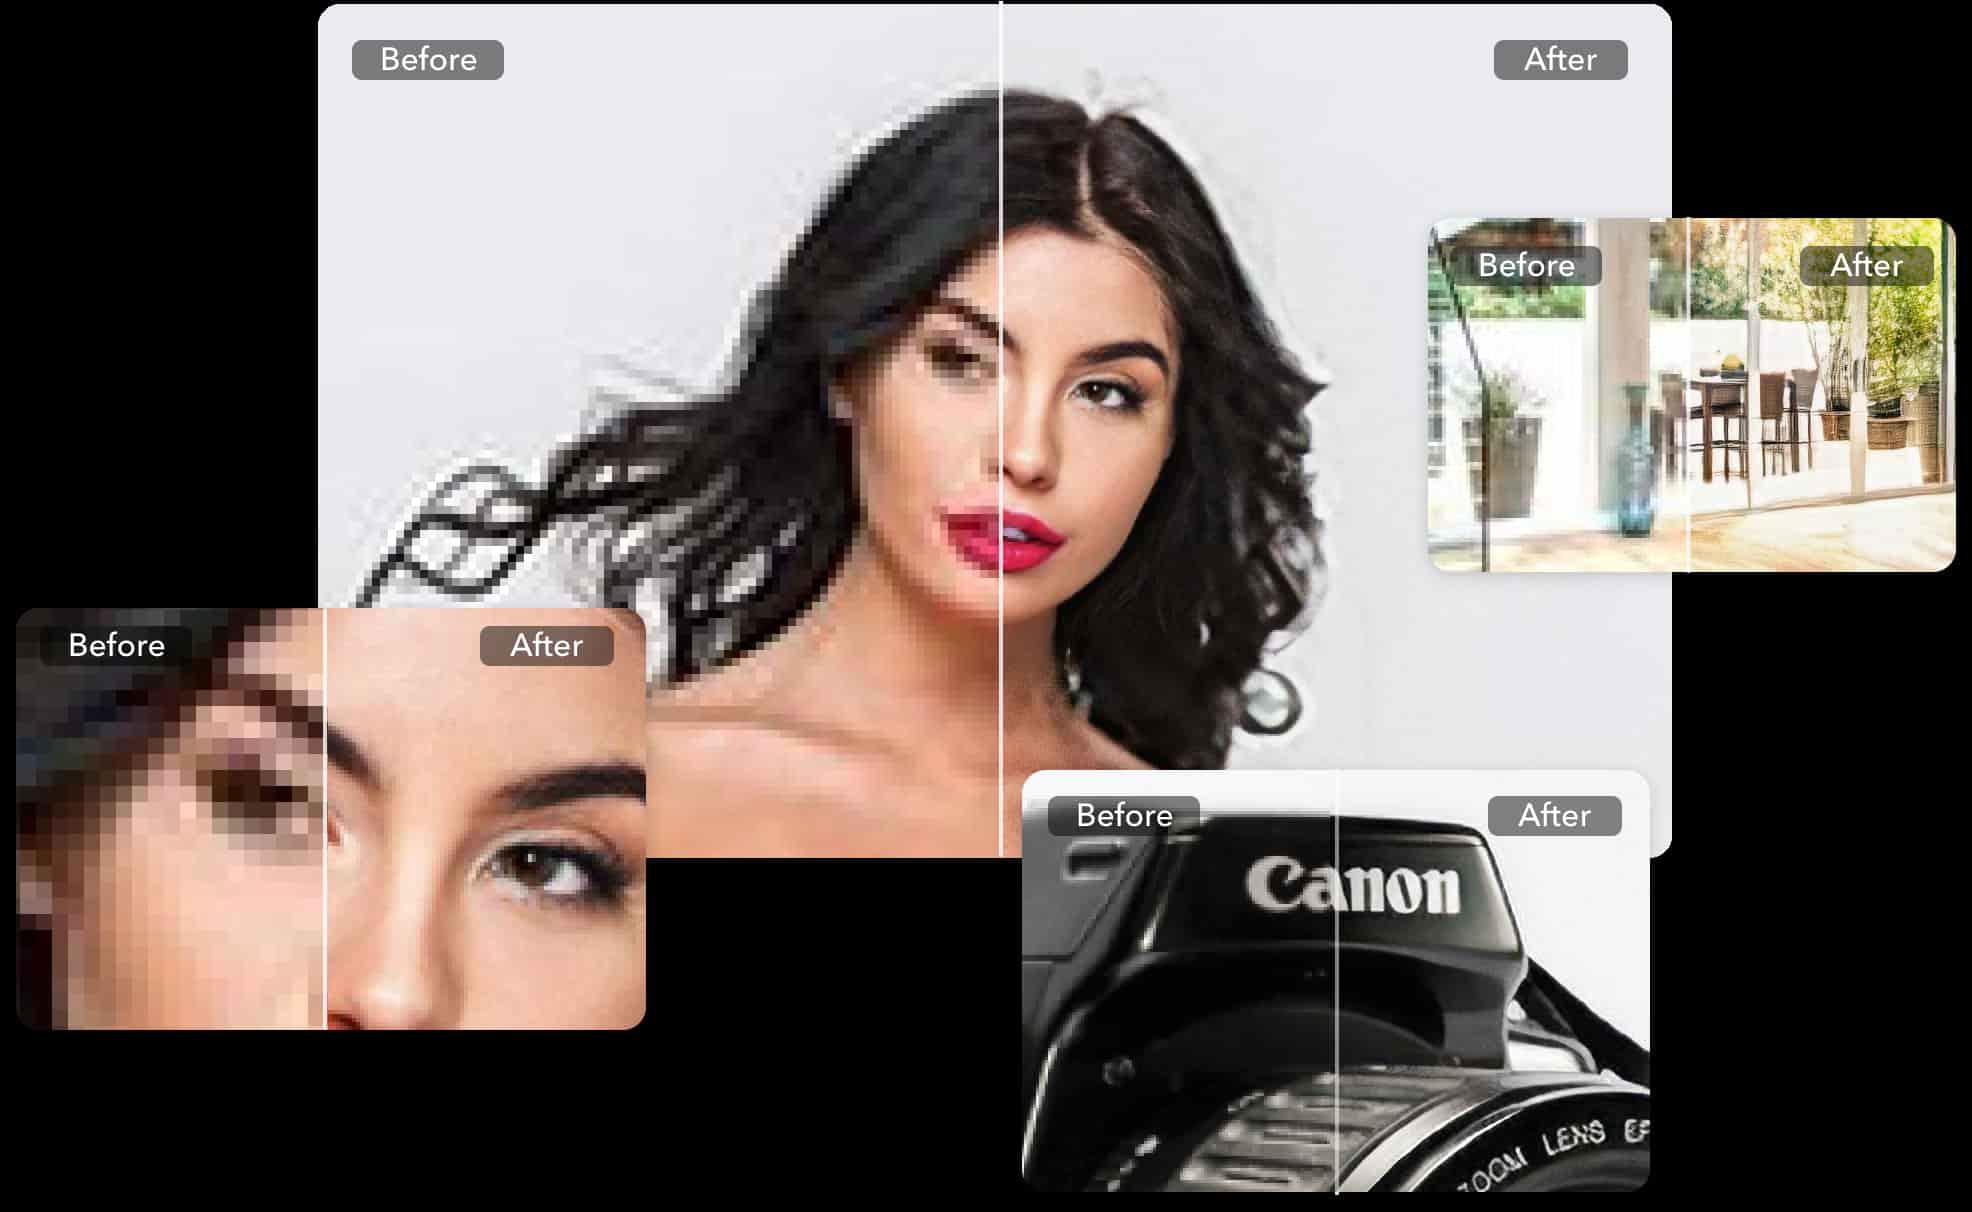 افزایش کیفیت عکس در Letsenhance.io